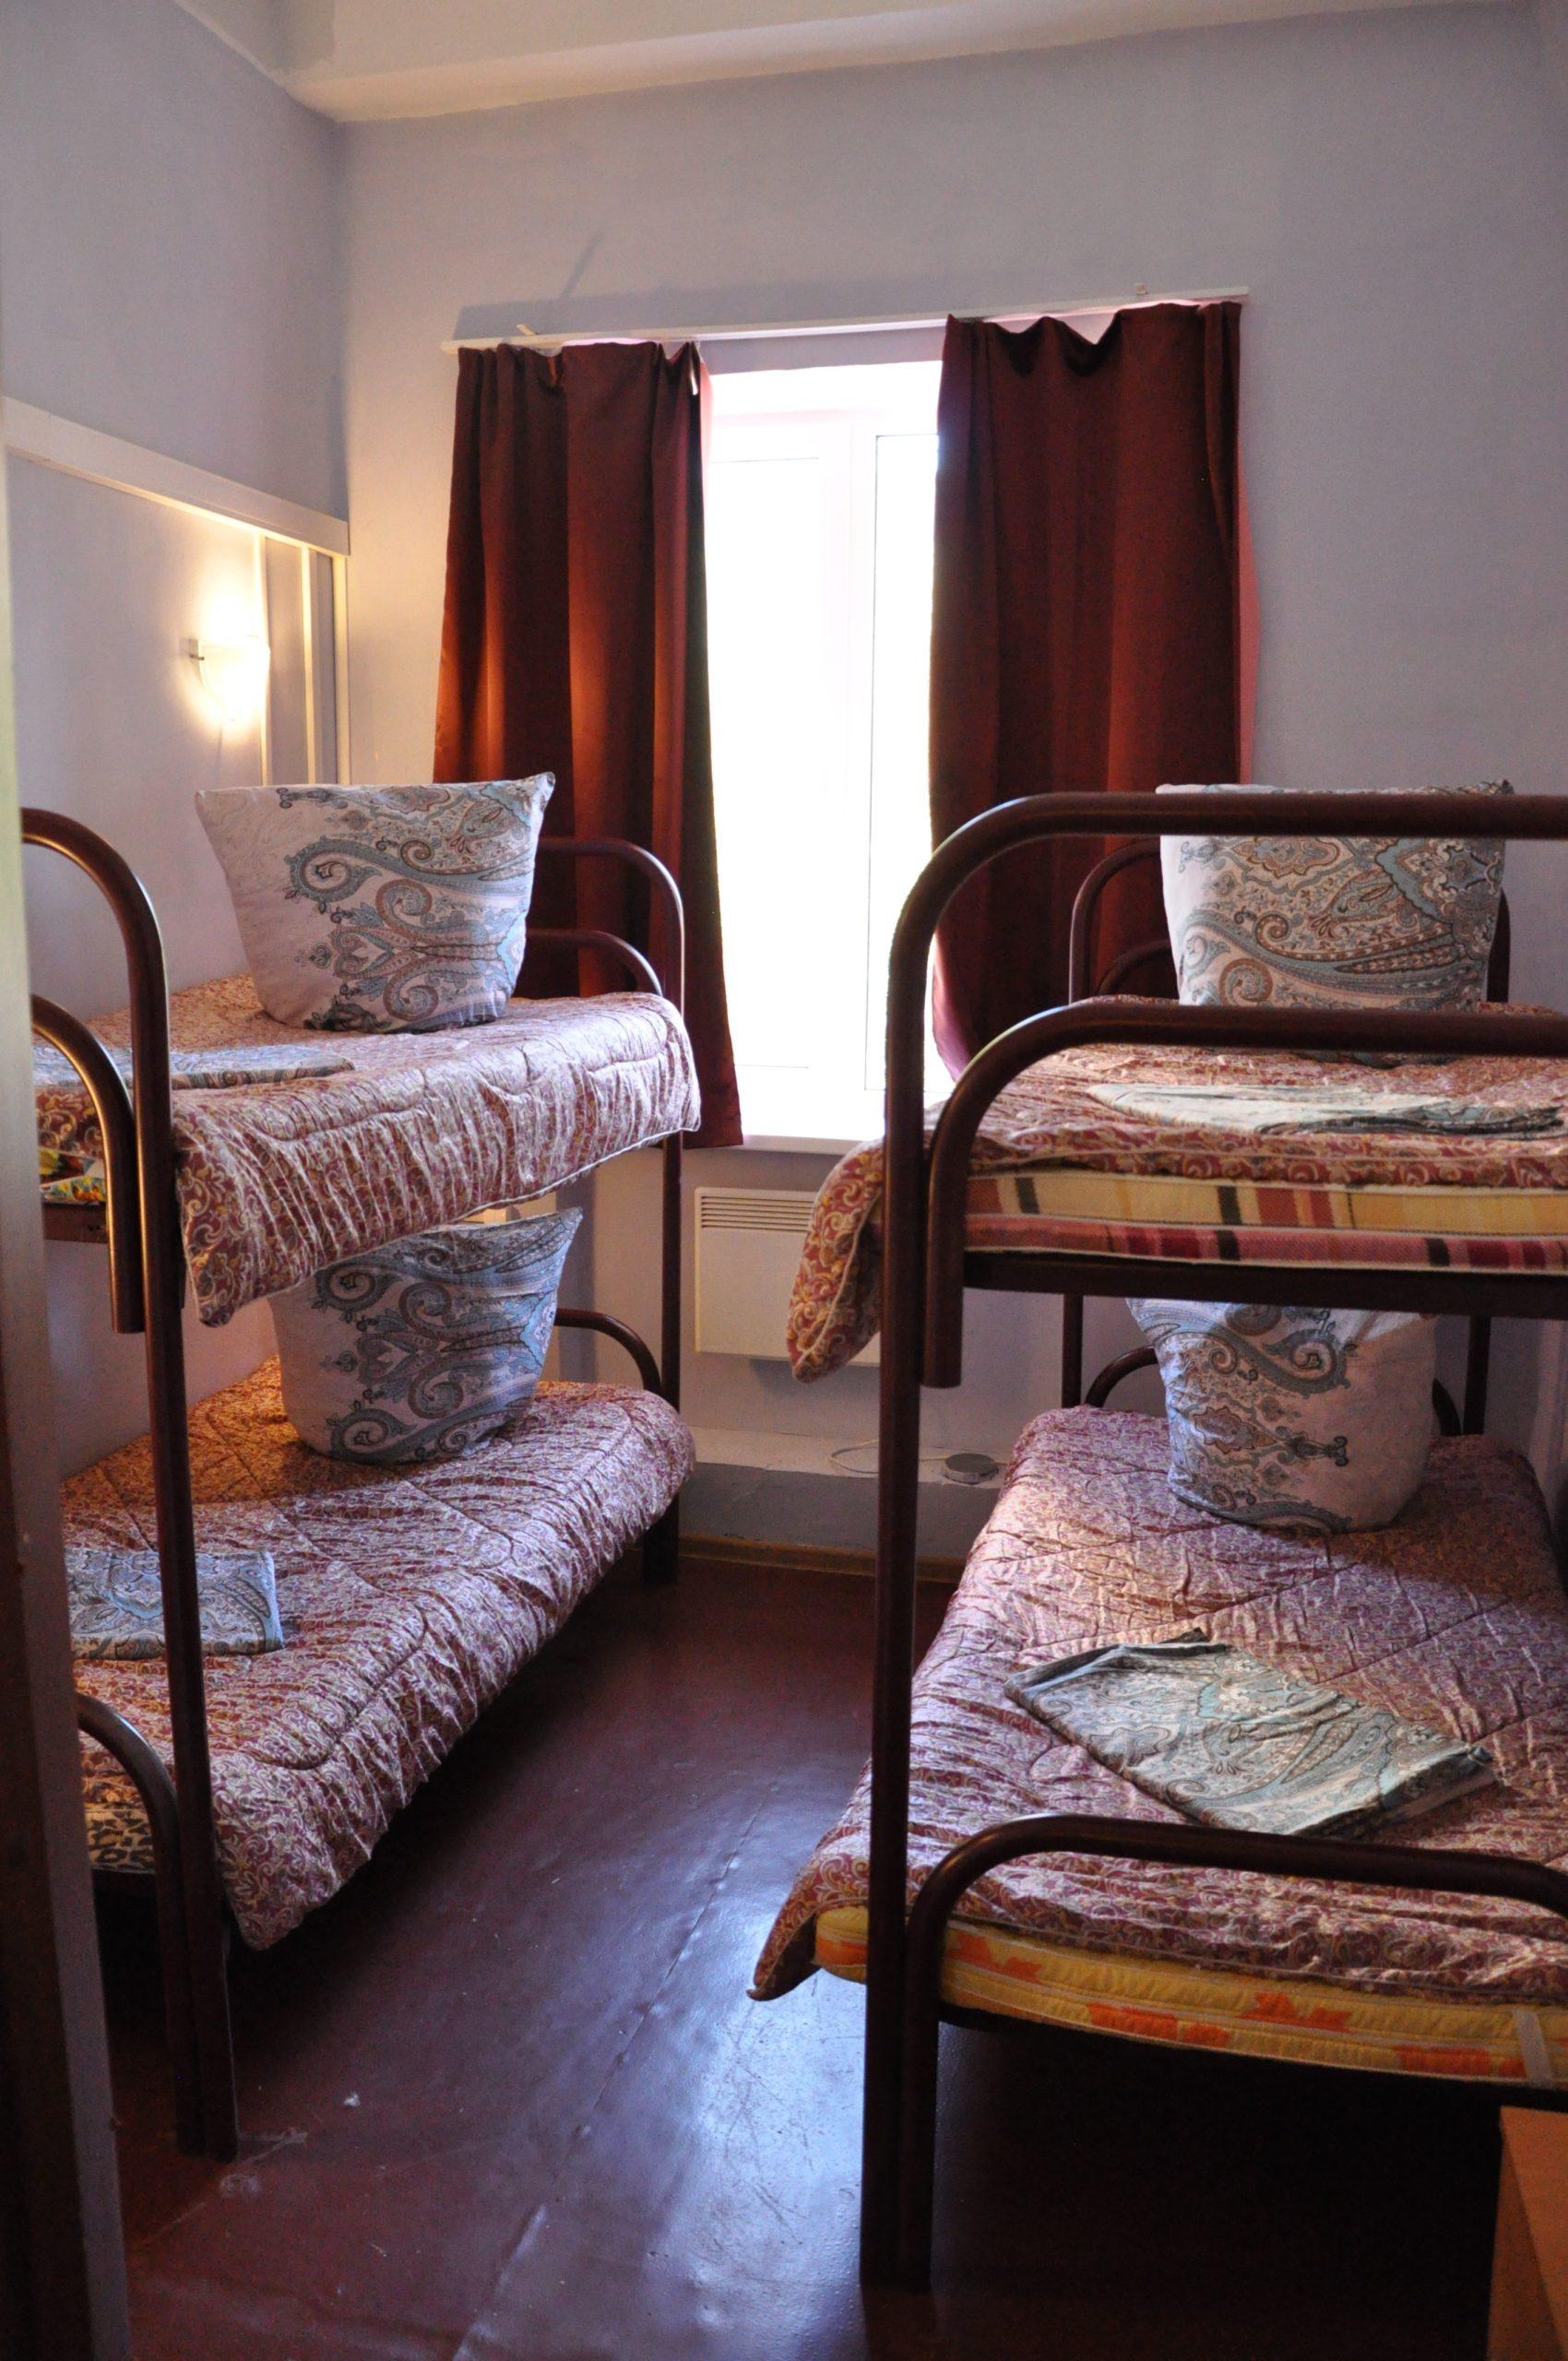 общежитие-хостел комната в химках на 4 места